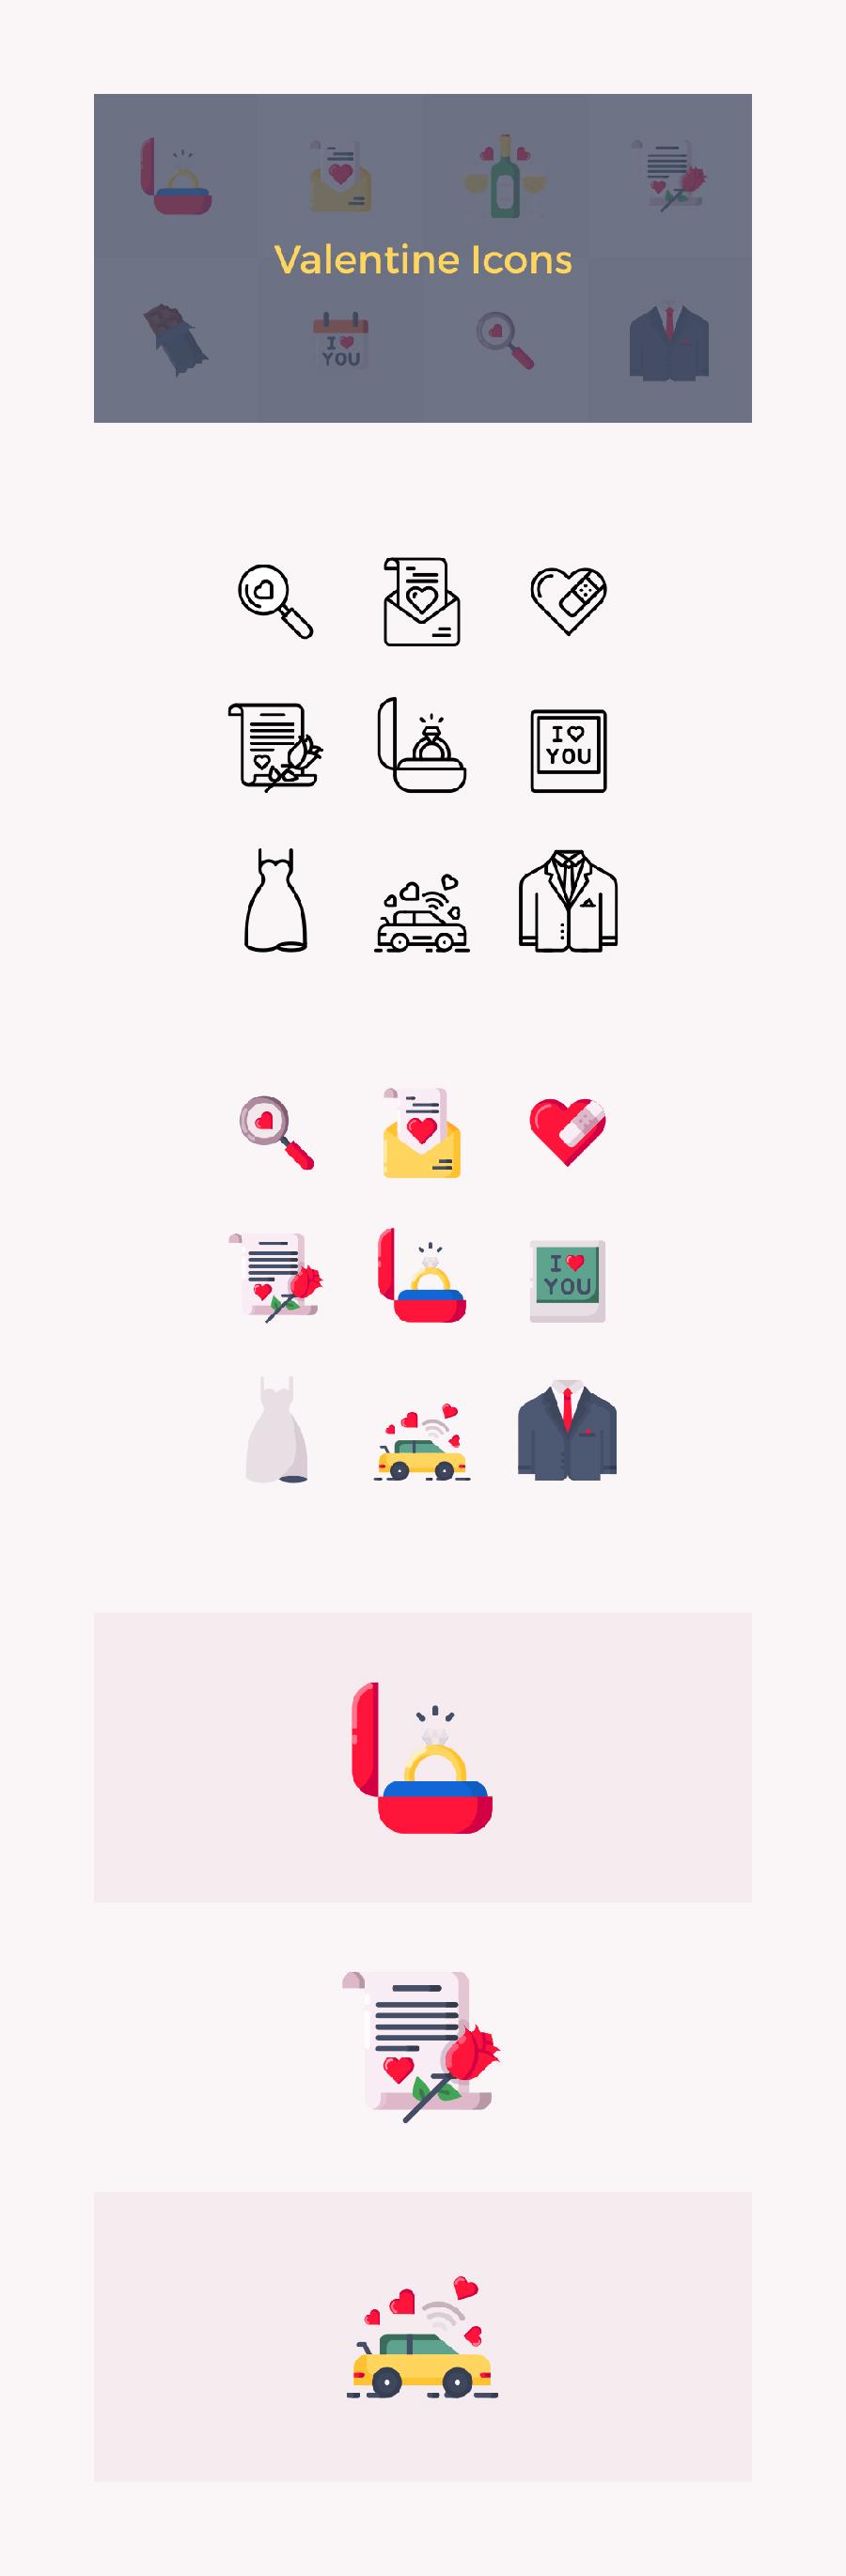 情人节特别图标下载[PNG,SVG,ICO,ICNS]